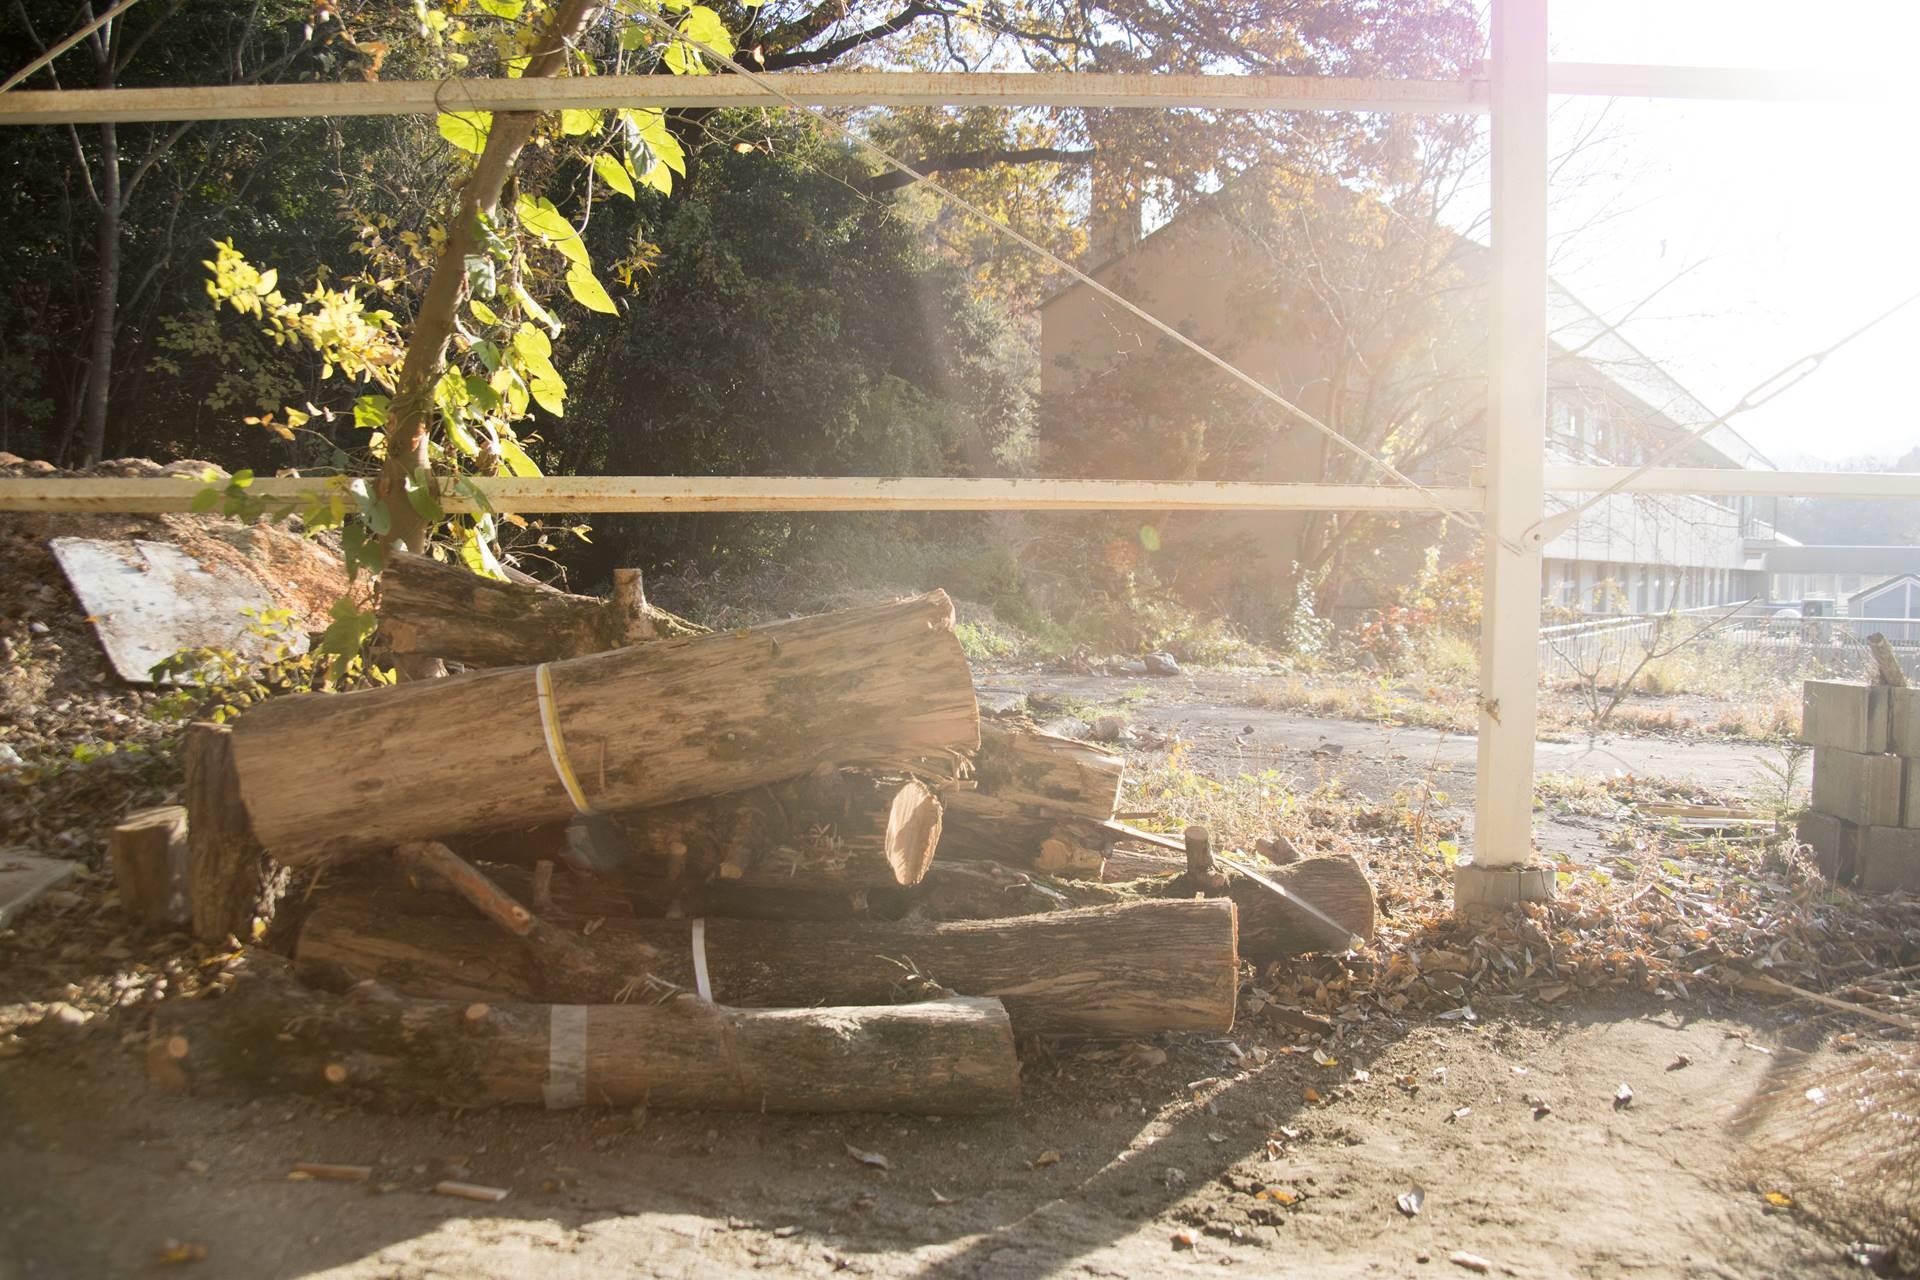 木工 木工旋盤 教室 シェア工房 ツバキラボ